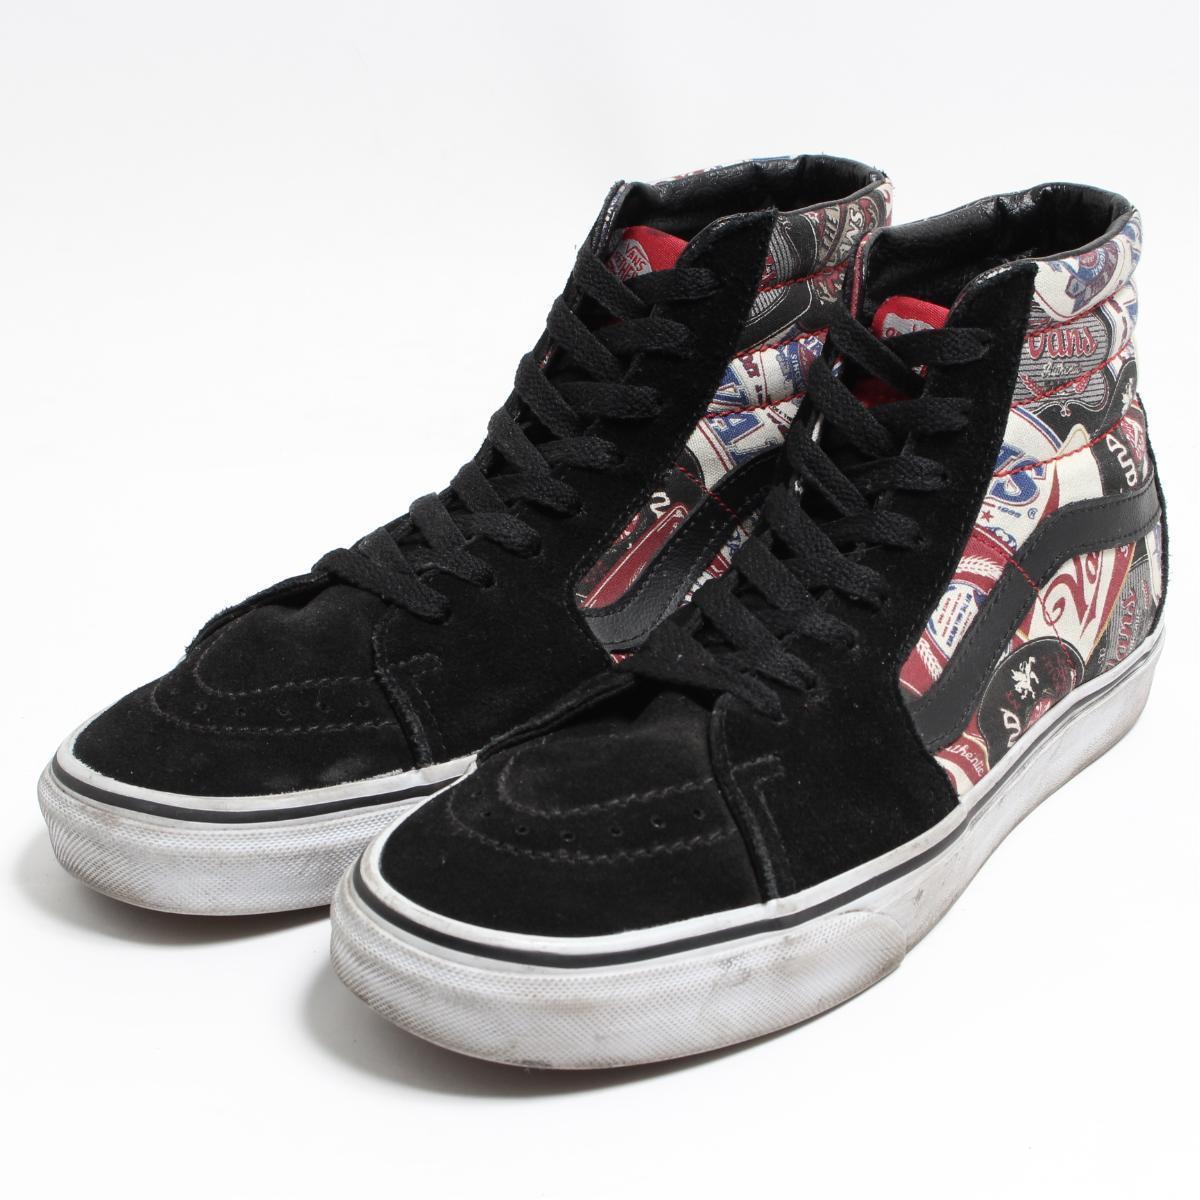 fad65d4ac8 Vans VANS SK8-HI high-top sneakers US9 men 27.0cm /bon3922